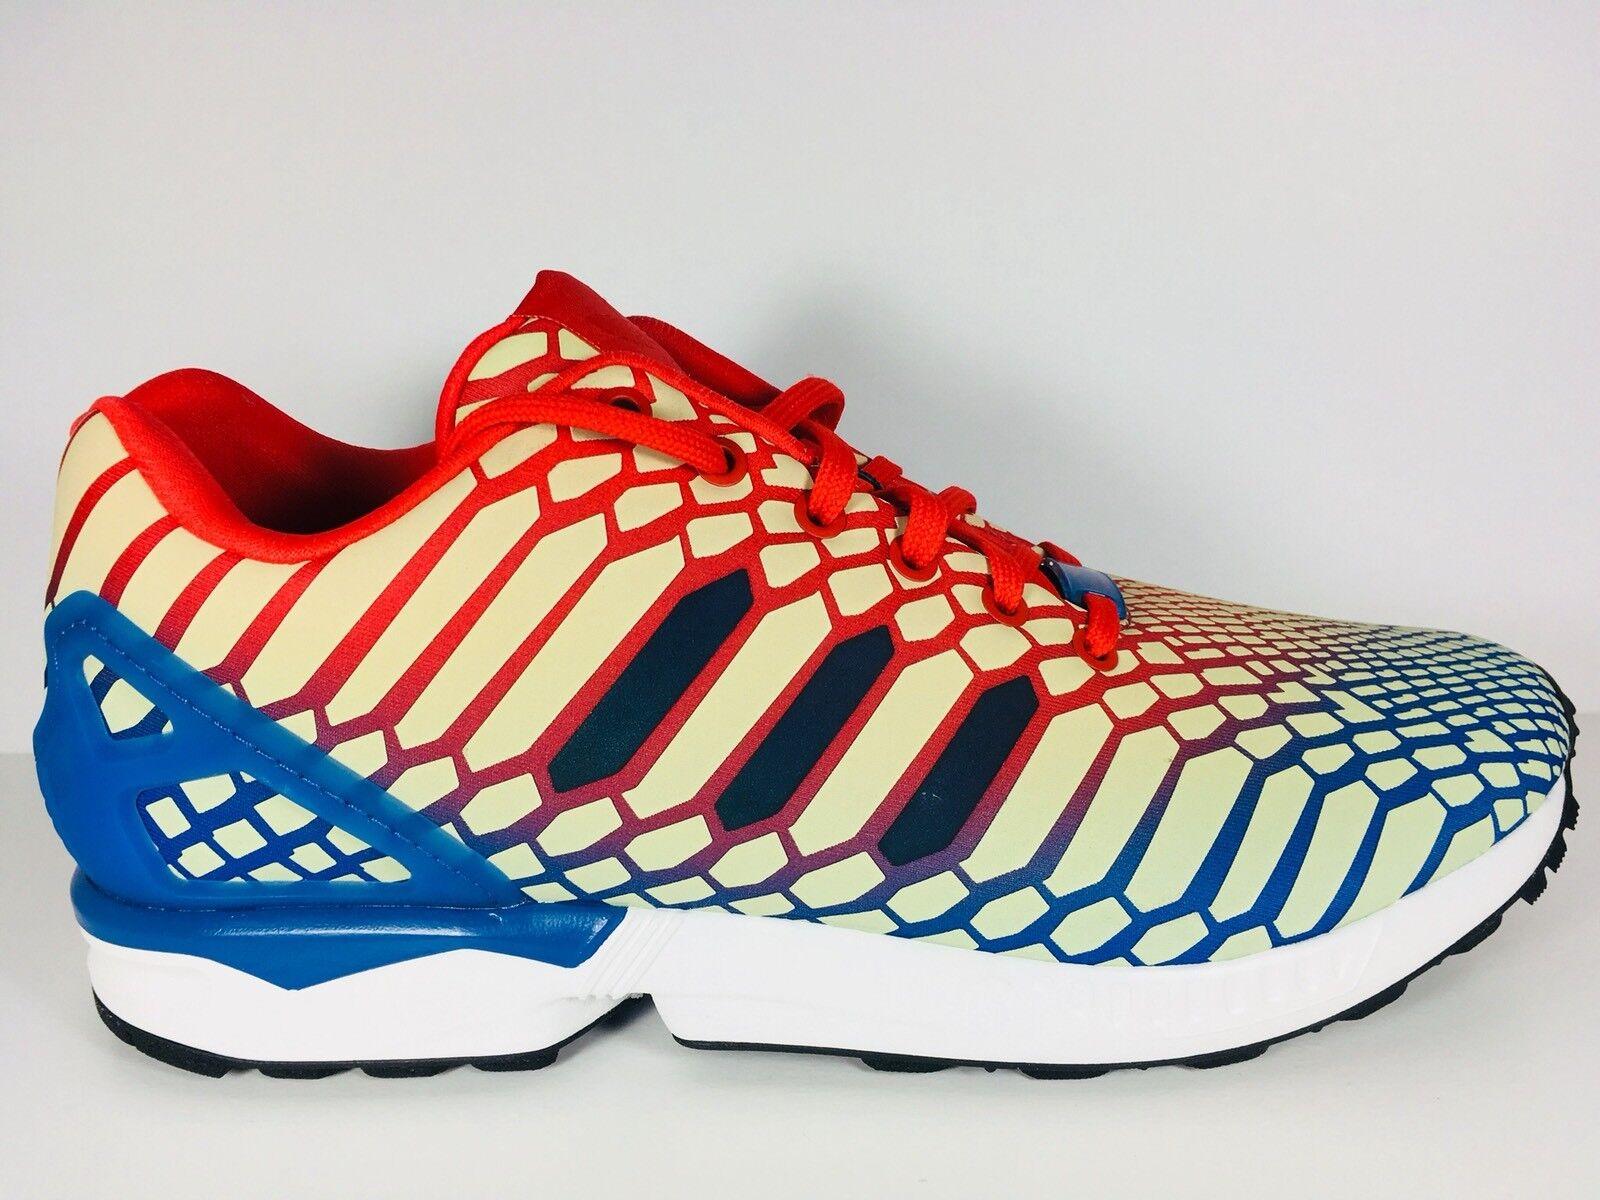 adidas zx rot - flux - schlange rot zx / gelb / blau - mens # aq4533 us - größe. acbd3d